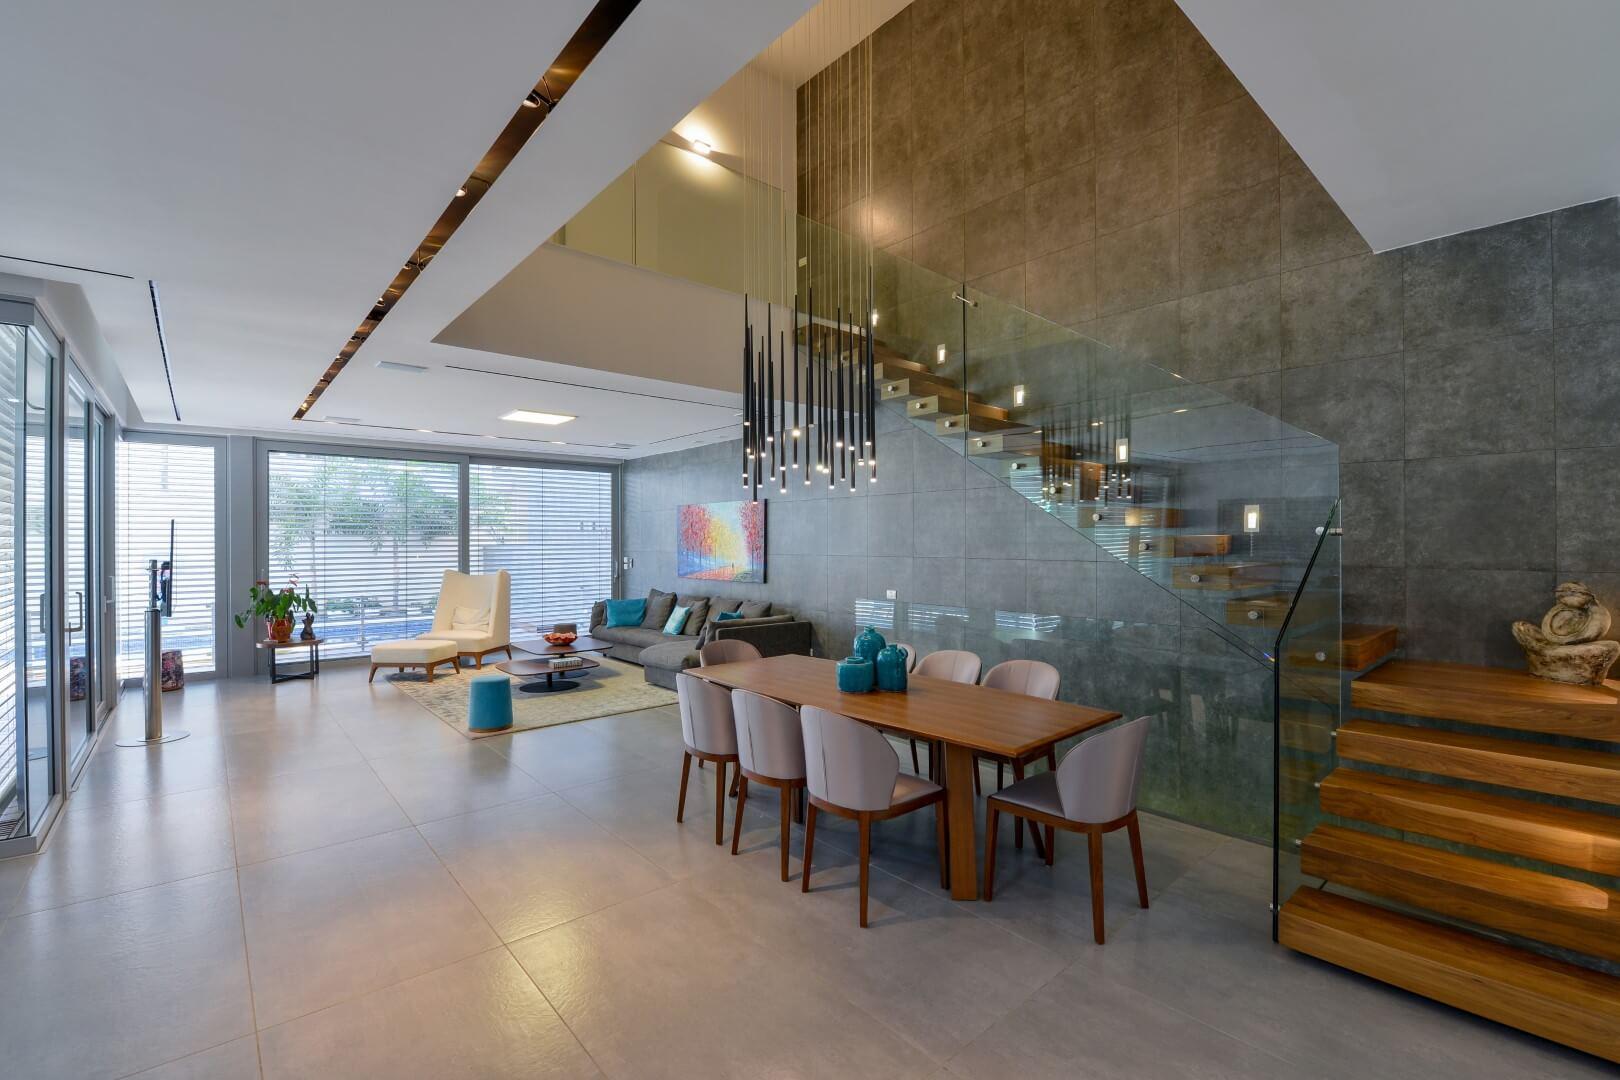 שני גרמי מדרגות מרחפות מעץ אגוז אמריקאי ומעקה זכוכית שמחברים 2 קומות בוילה